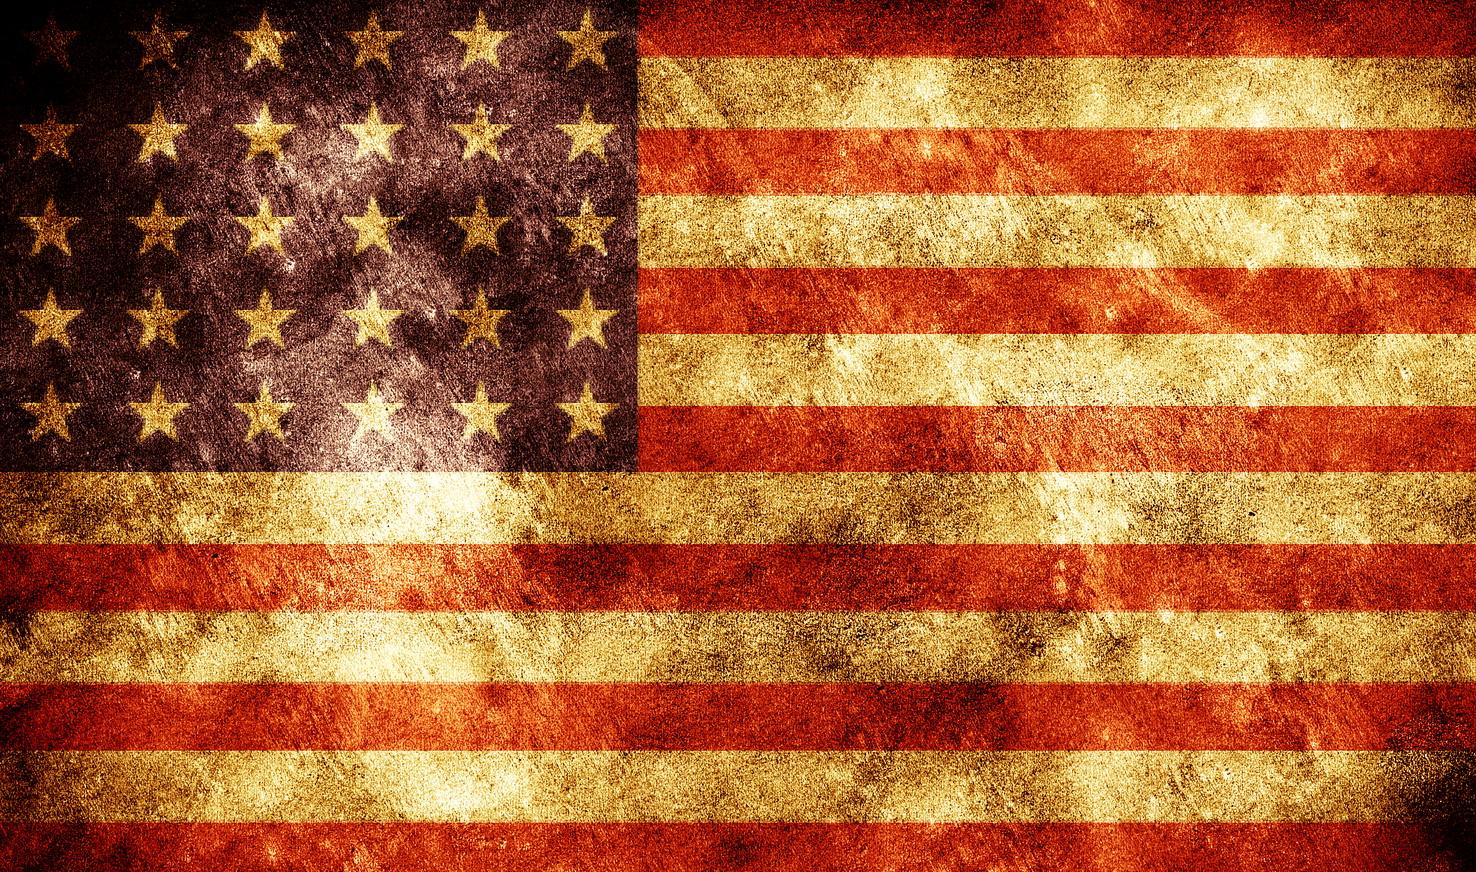 Grunge American flag, America, American, Burned, Burnt, HQ Photo